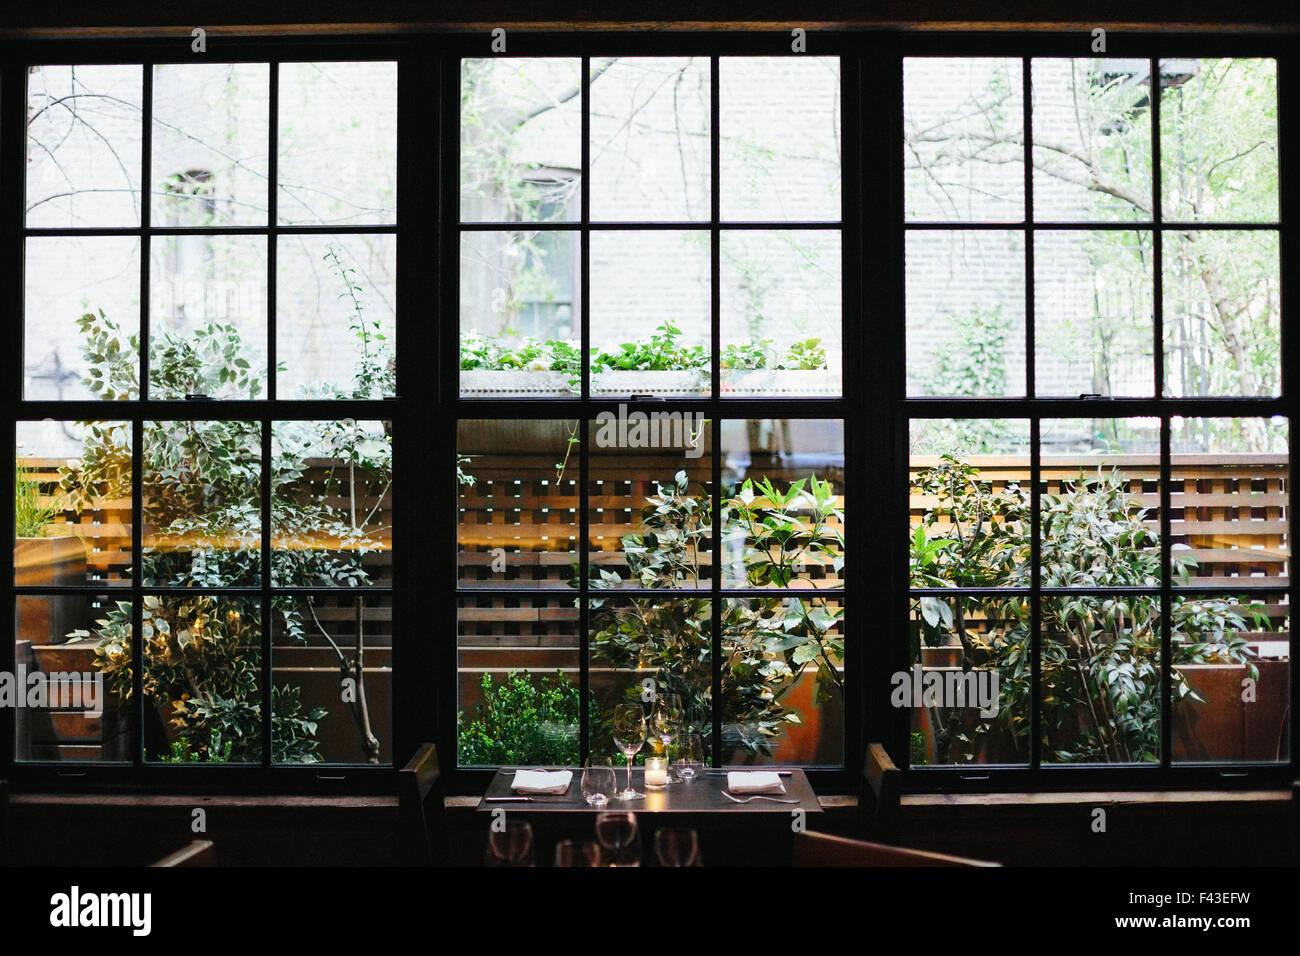 Interior view of a restaurant in Manhattan's West Village, window overlooking a garden. Stock Photo